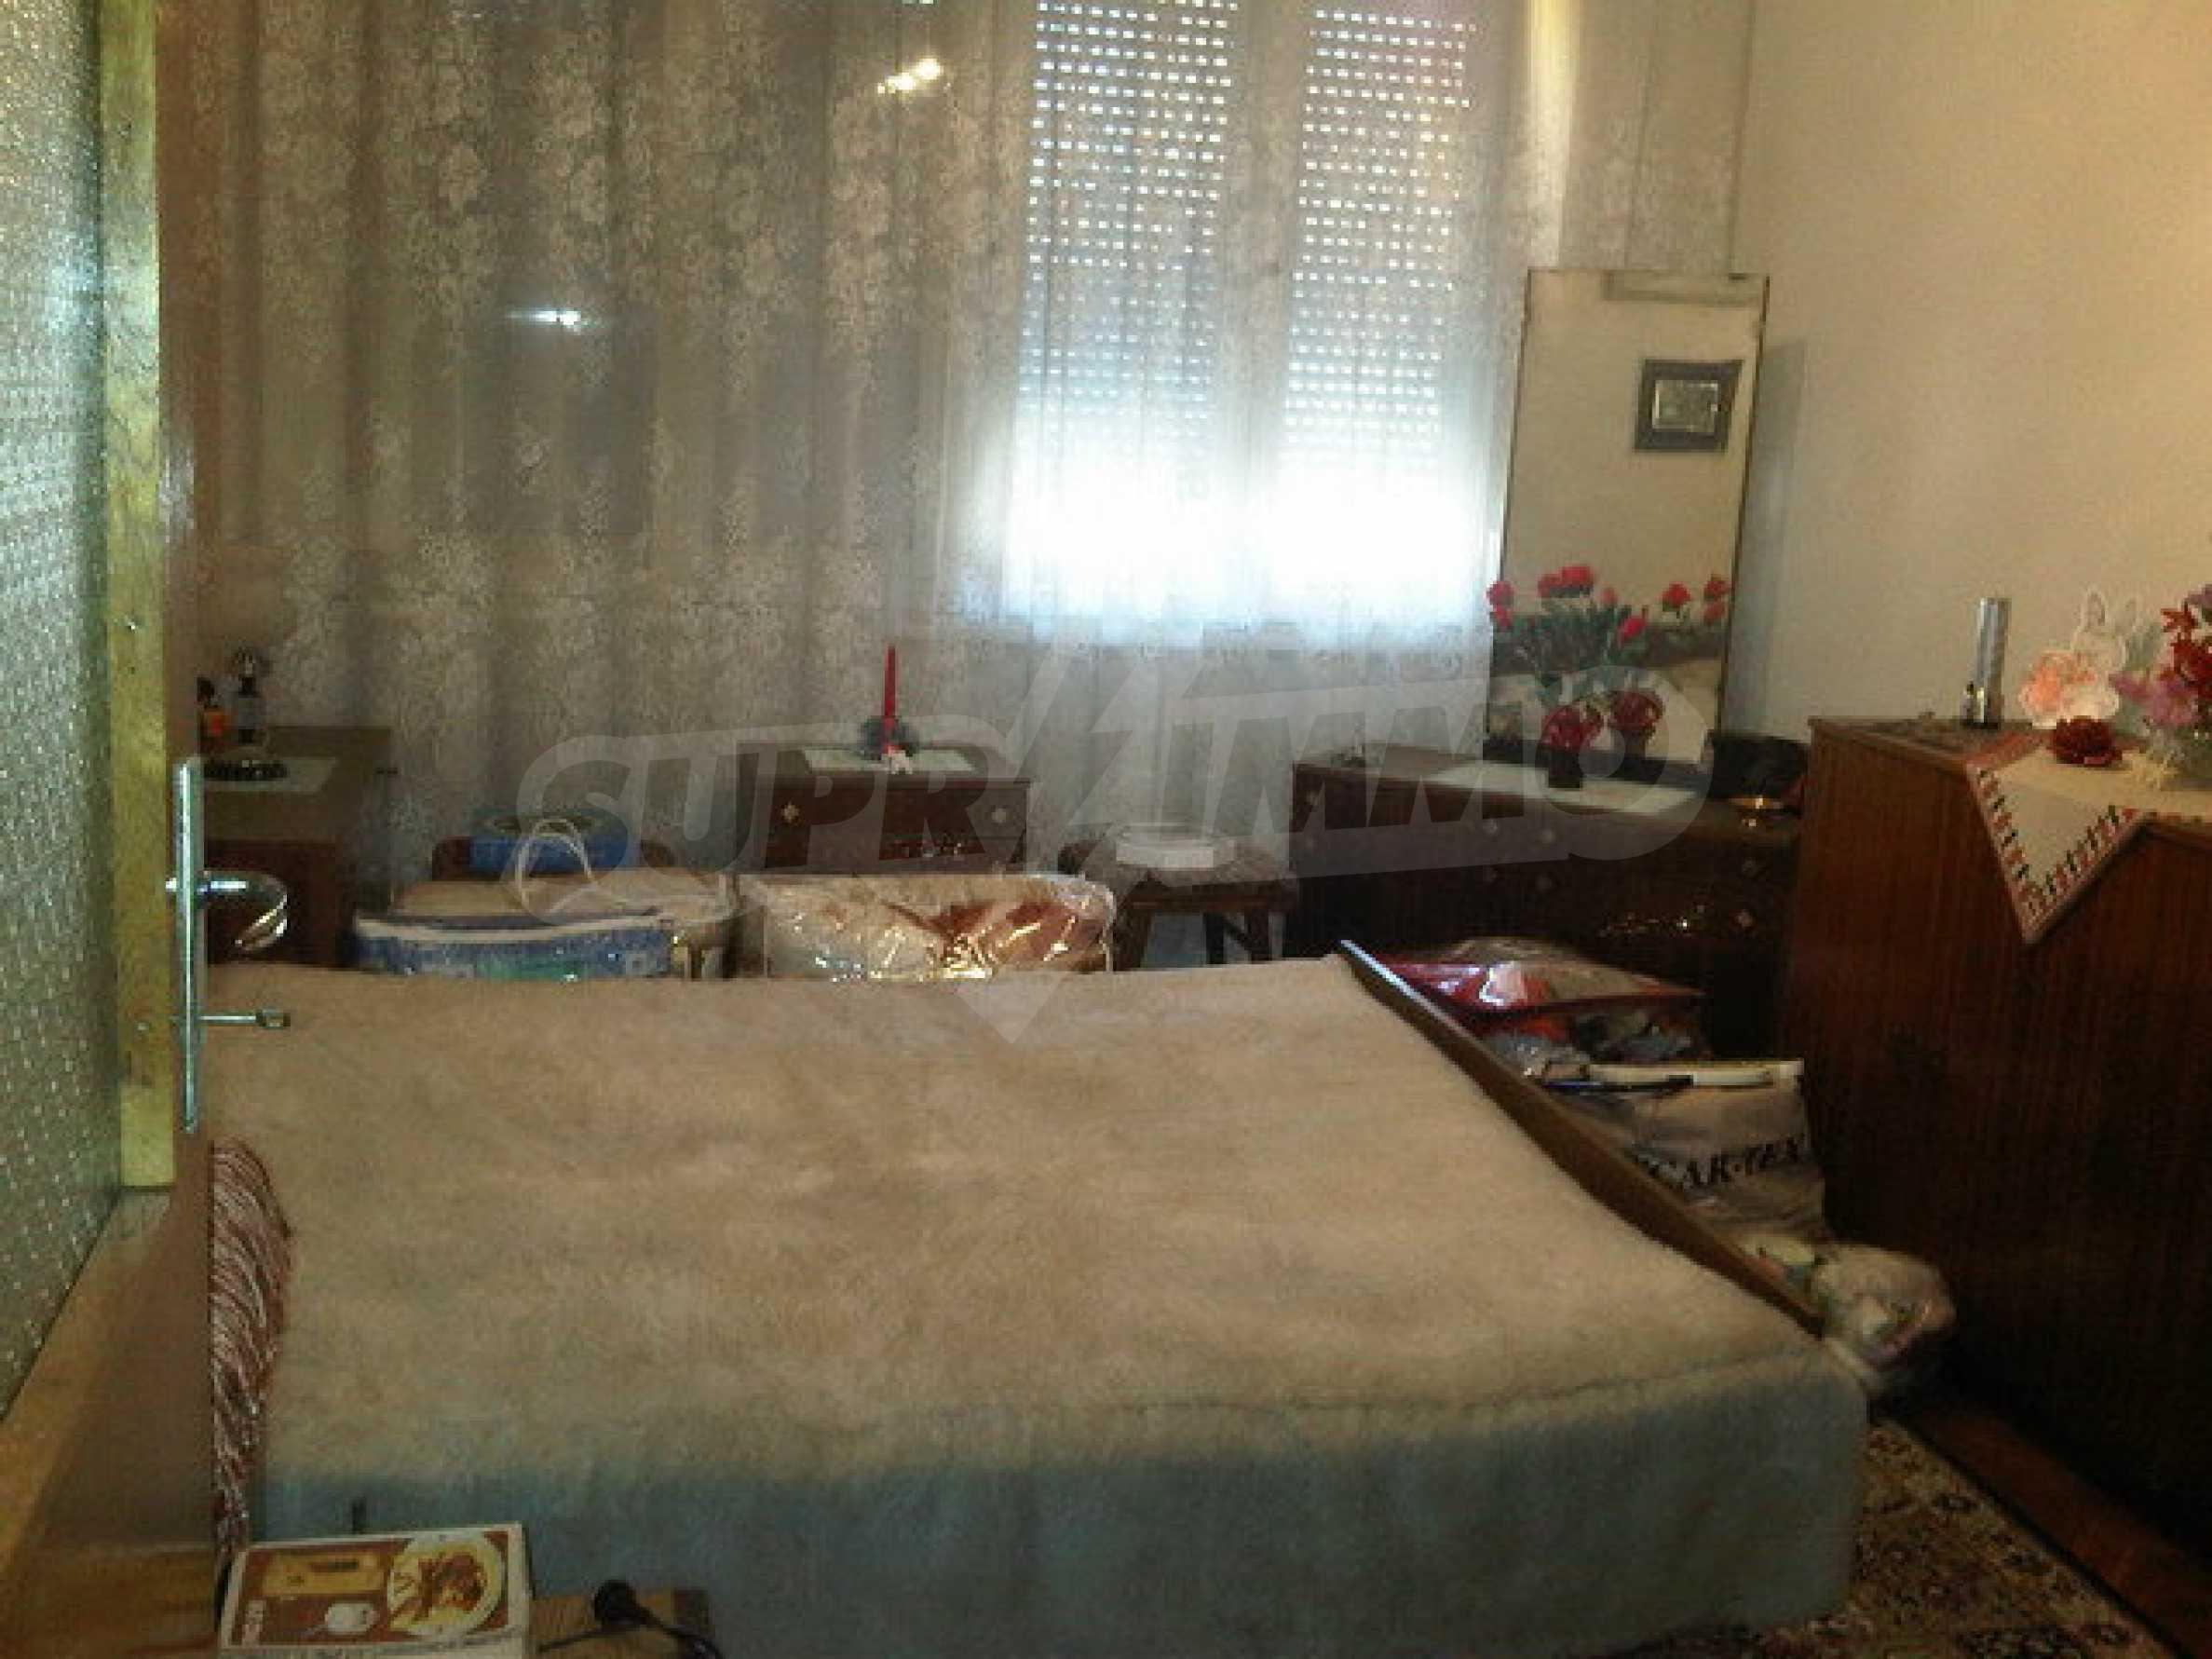 Четиристаен апартамент на втори етаж в сграда в неспосредственна близост центъра на град Севлиево 4